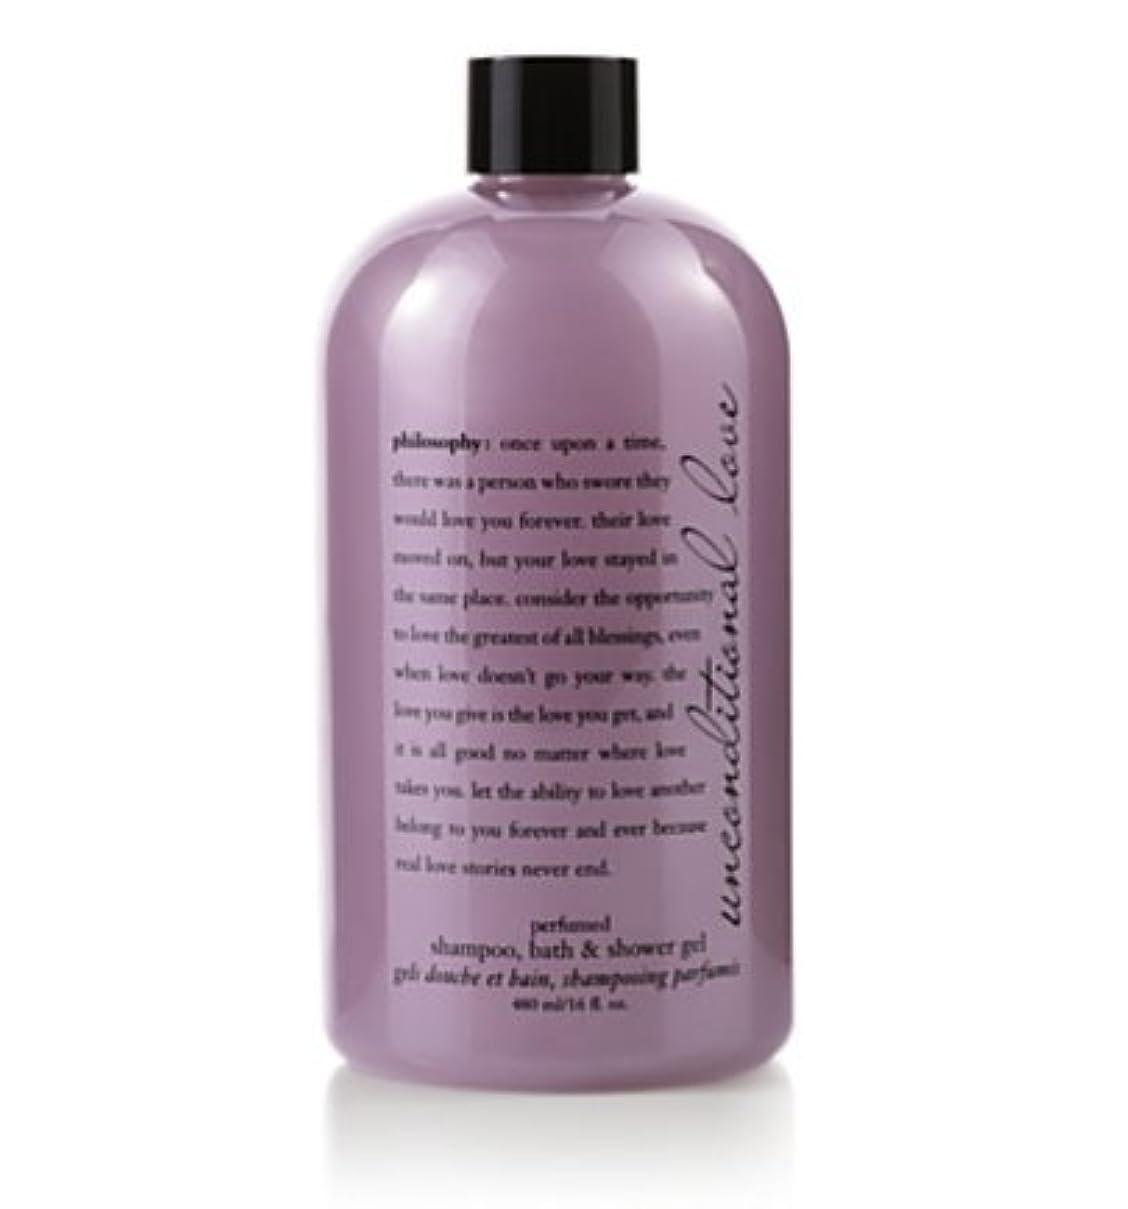 かもめ原因ボットunconditional love (アンコンディショナルラブ ) 16.0 oz (480ml) perfumed shampoo, bath & shower gel for Women